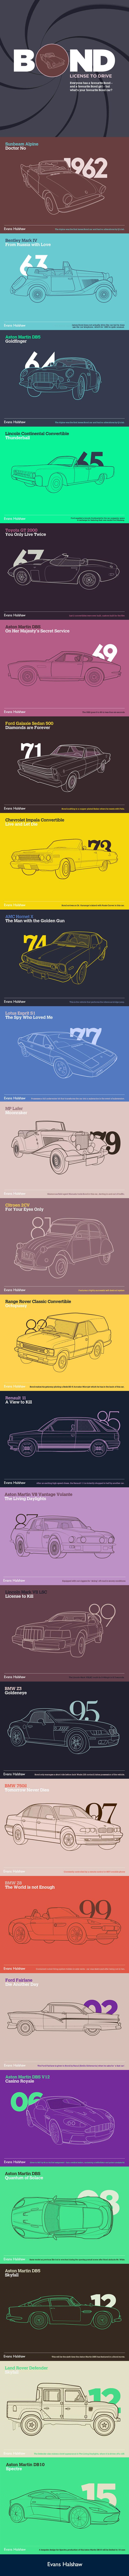 bondcars-infographic